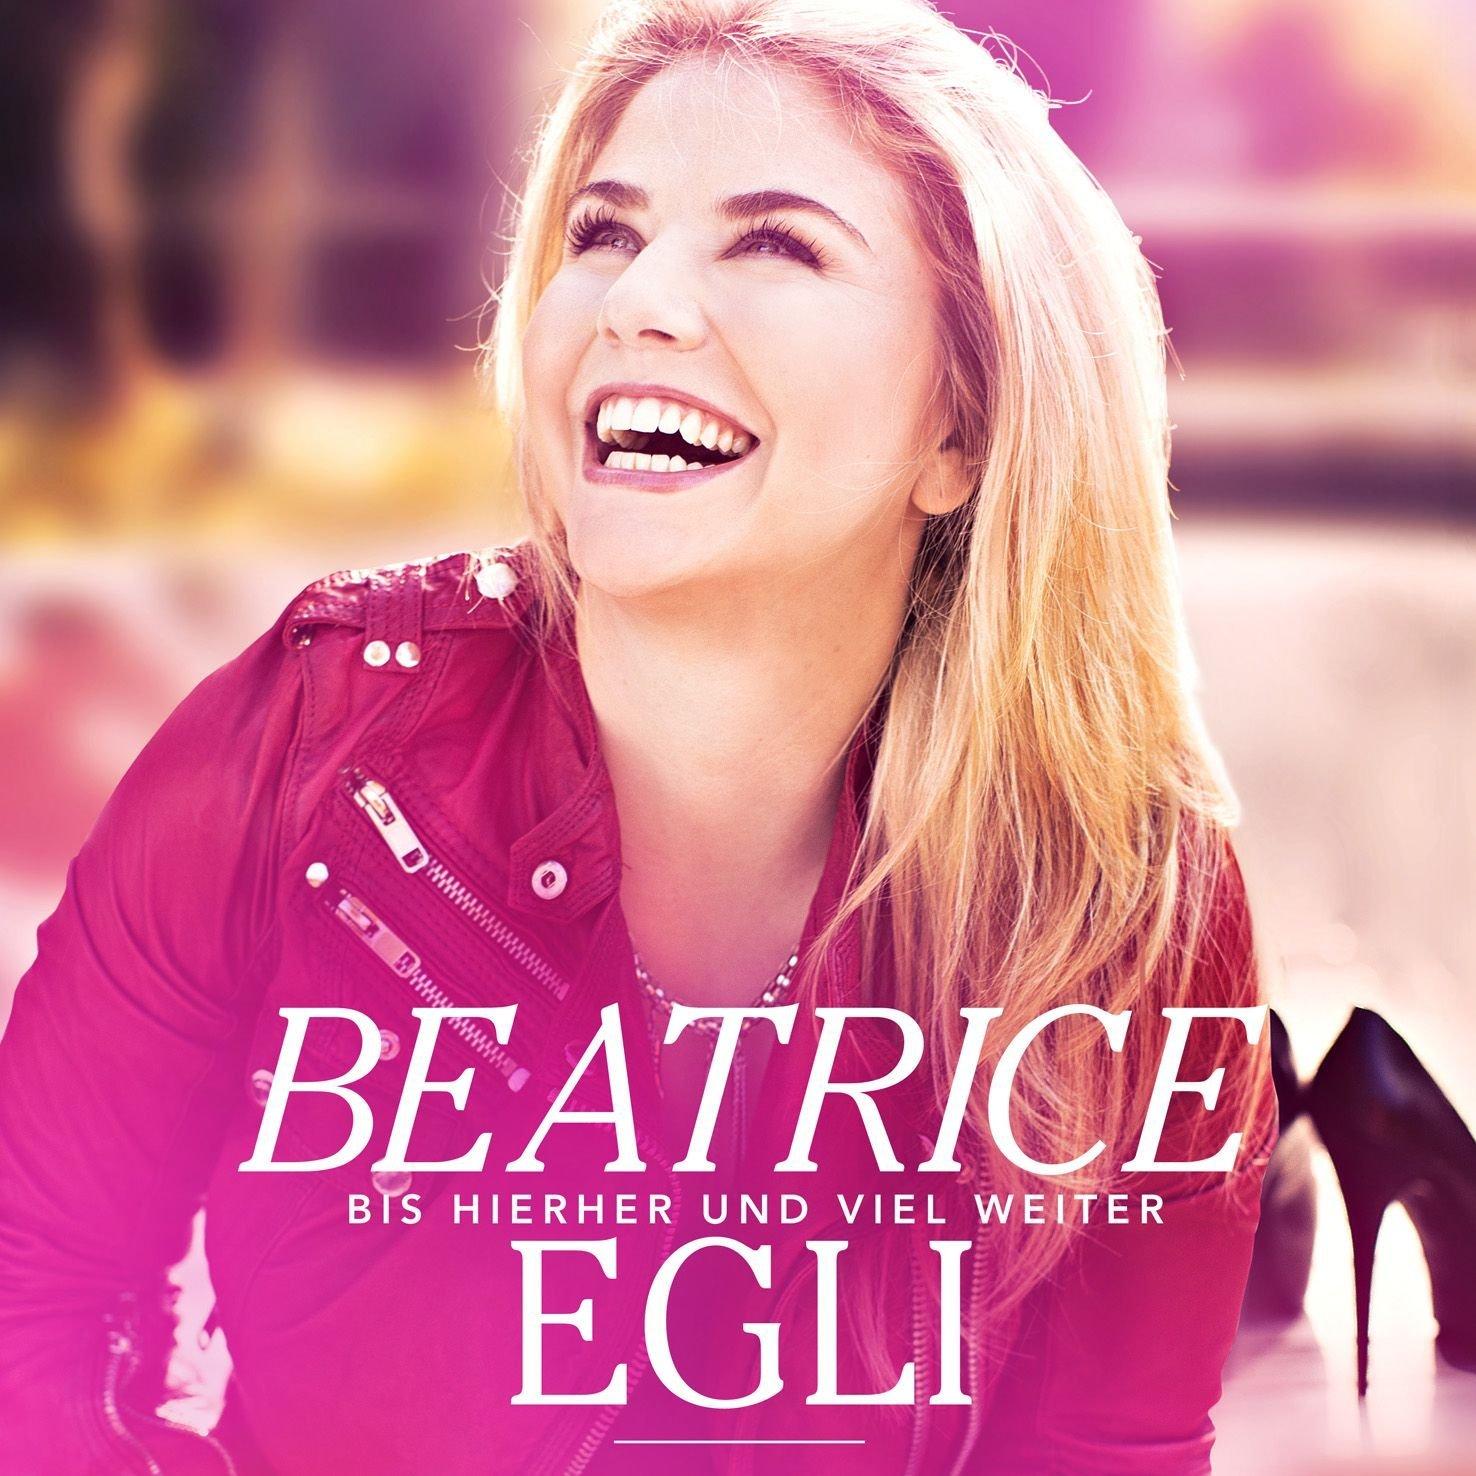 Beatrice Egli Bis Hierher Und Viel Weiter Hitparade Ch